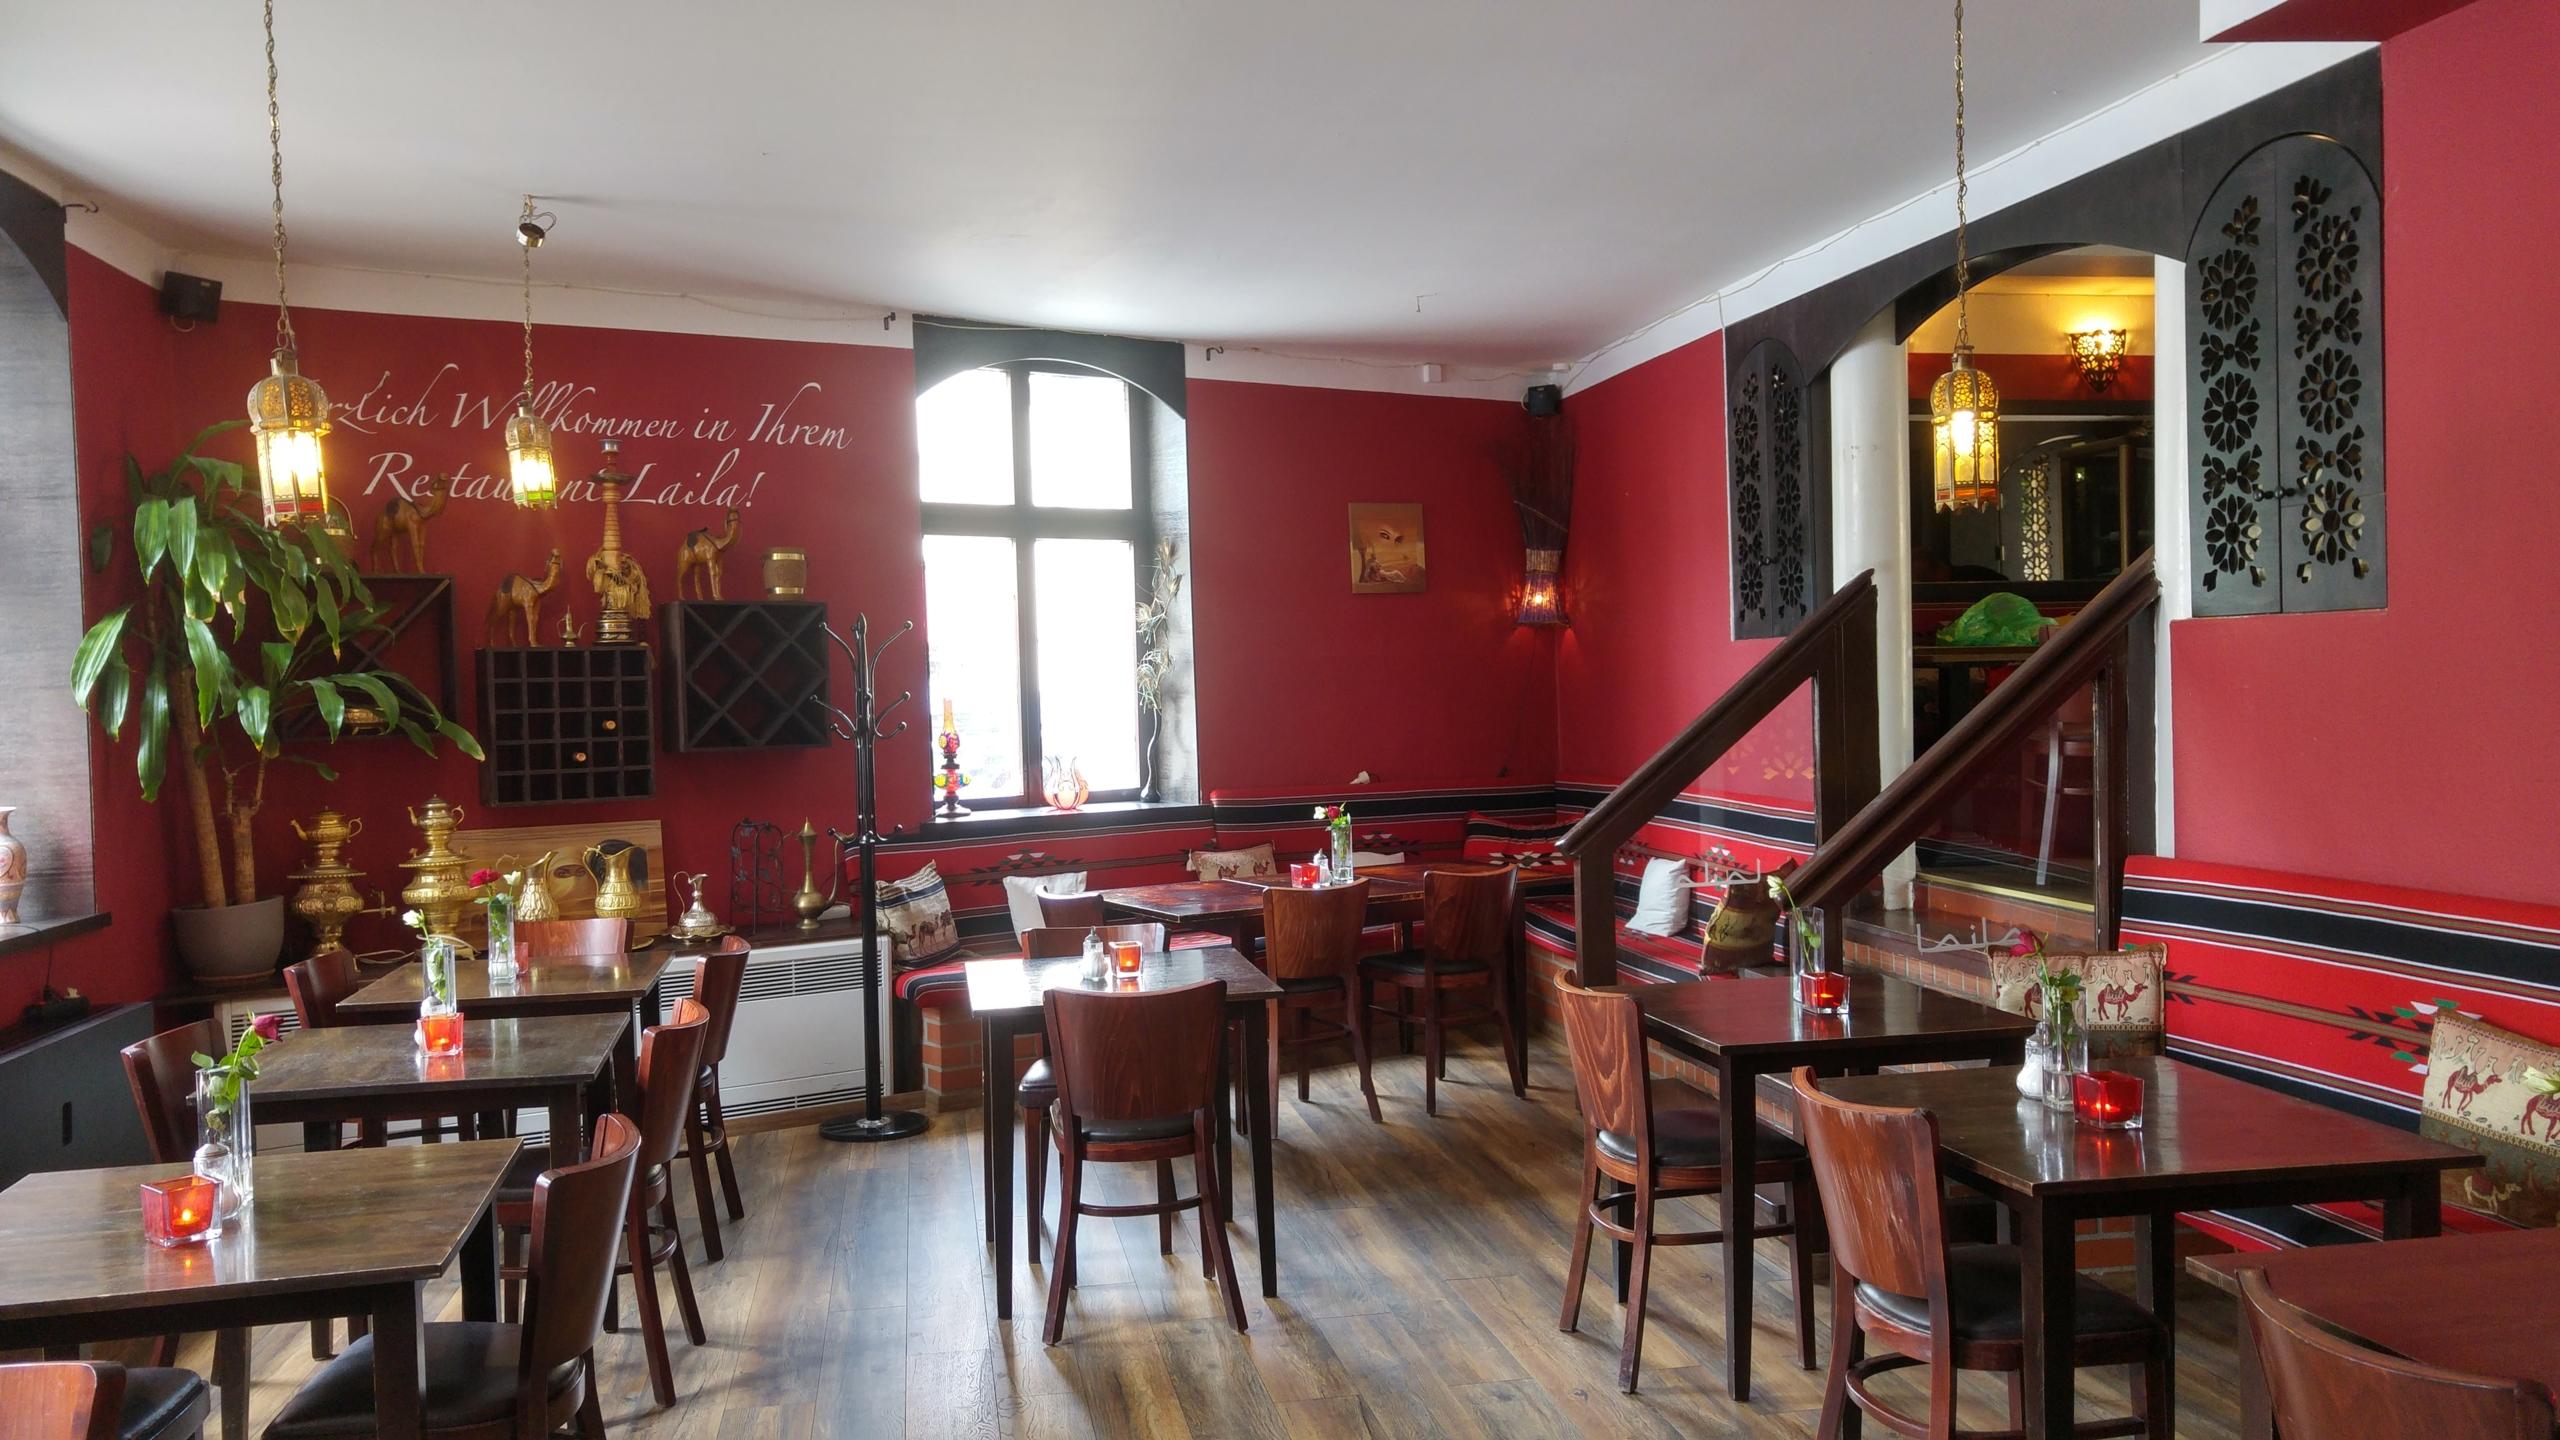 Café Laila öffnungszeiten Lindenstraße In Potsdam Offennet